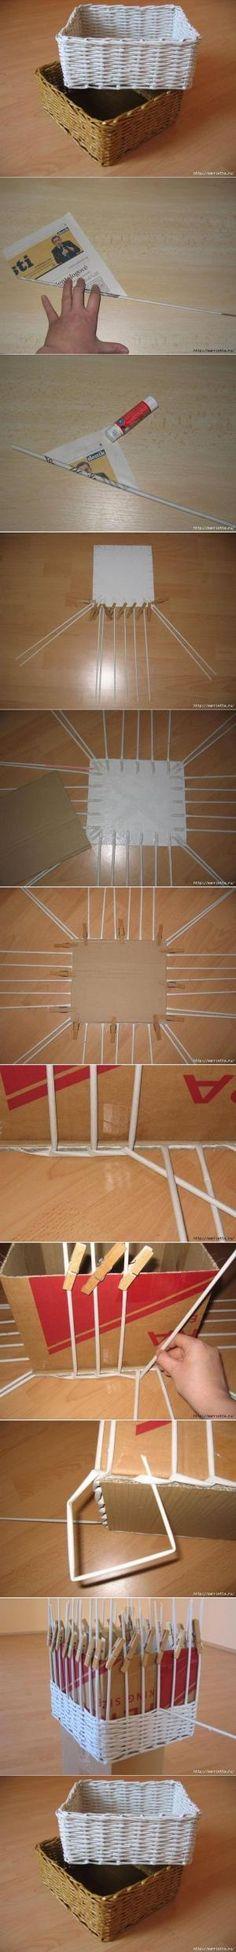 Fai da te semplice Giornale Weave Basket da Kristy.Pearson.411